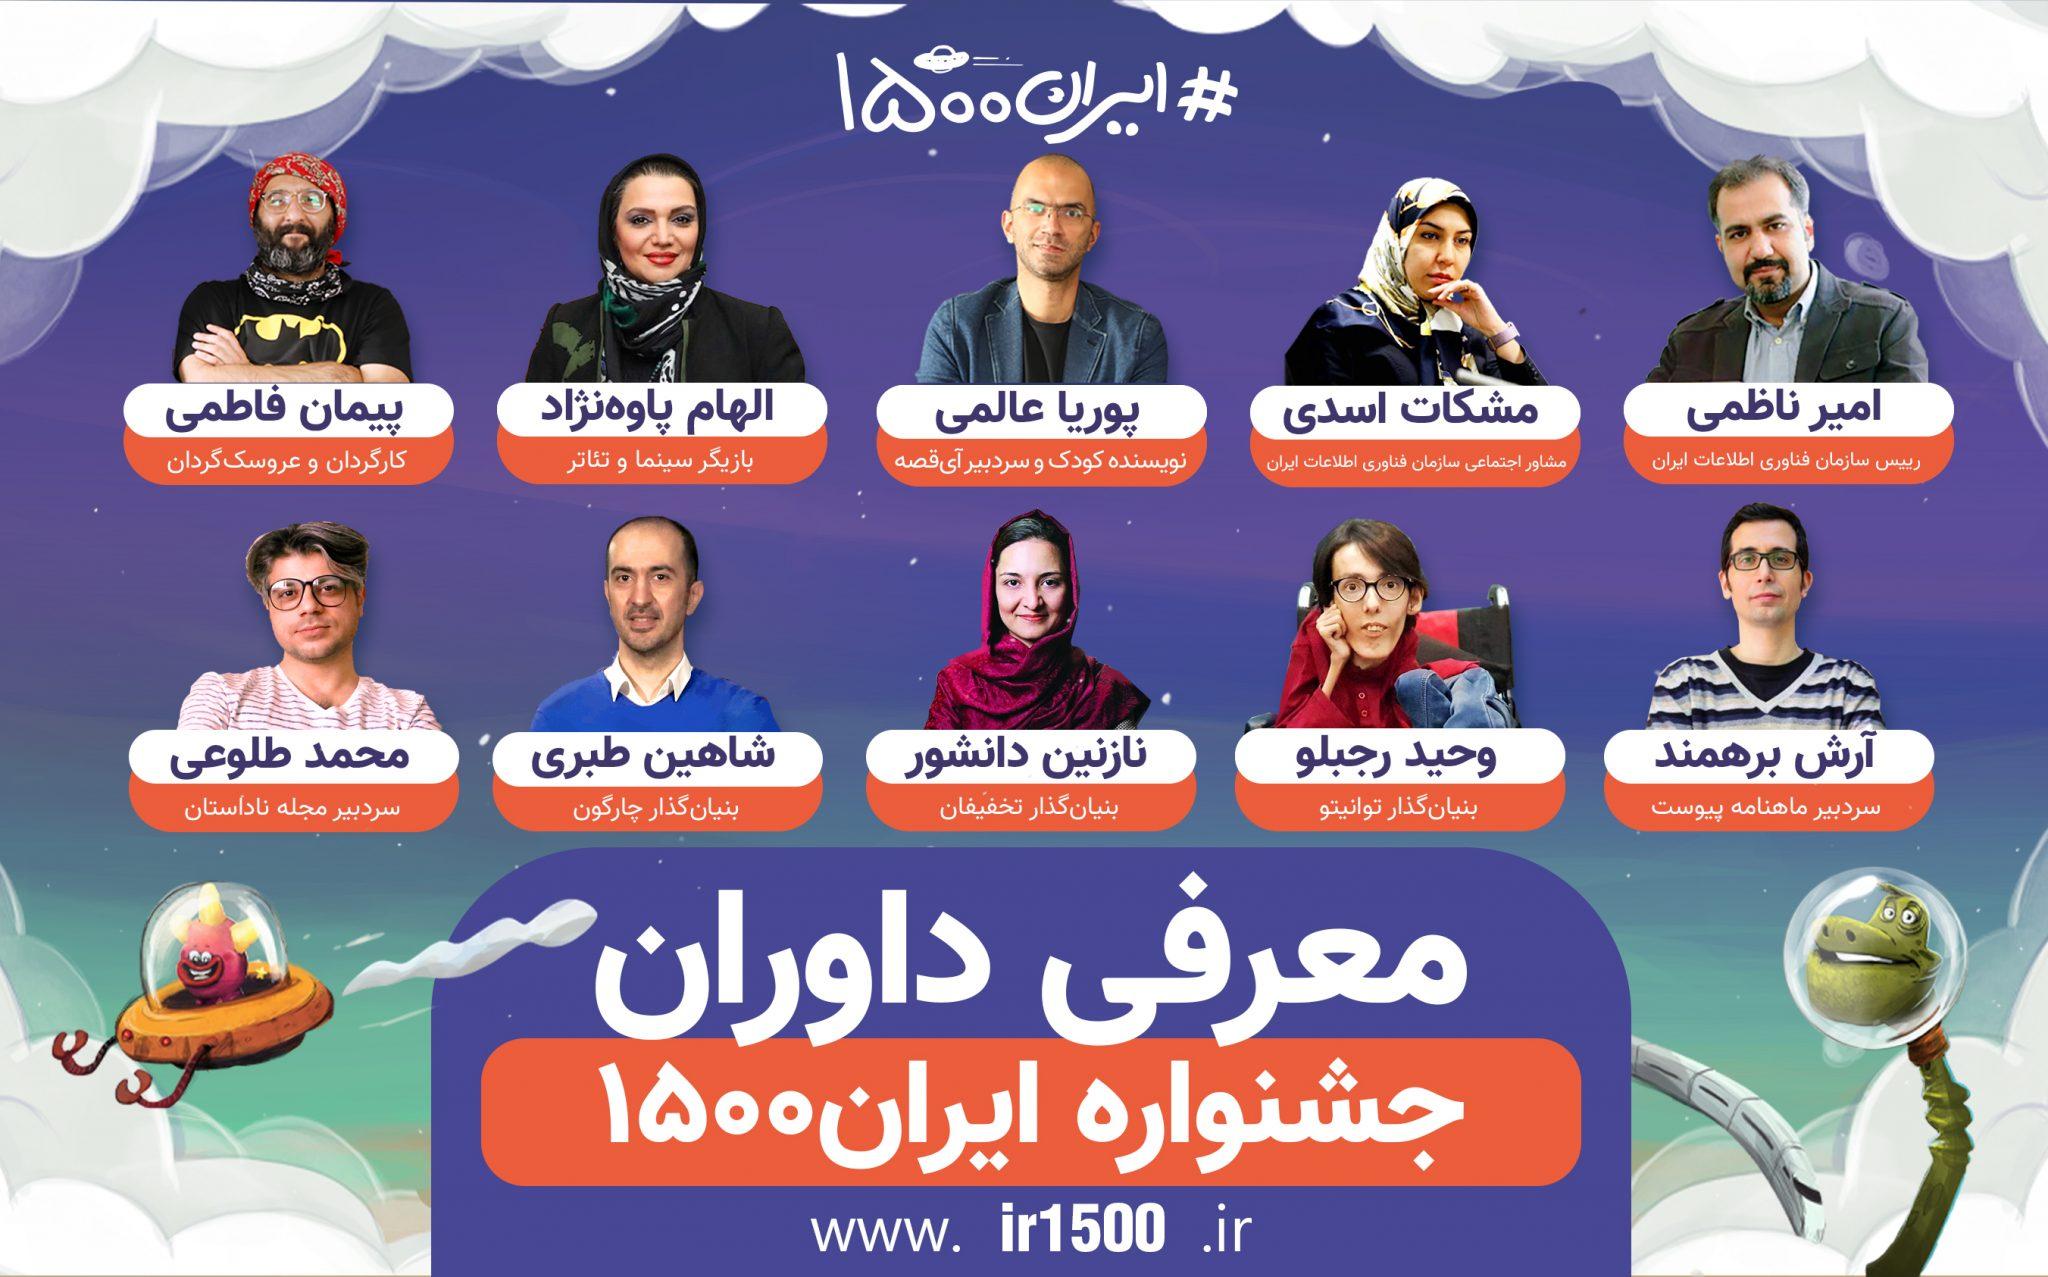 جشنواره ایران 1500